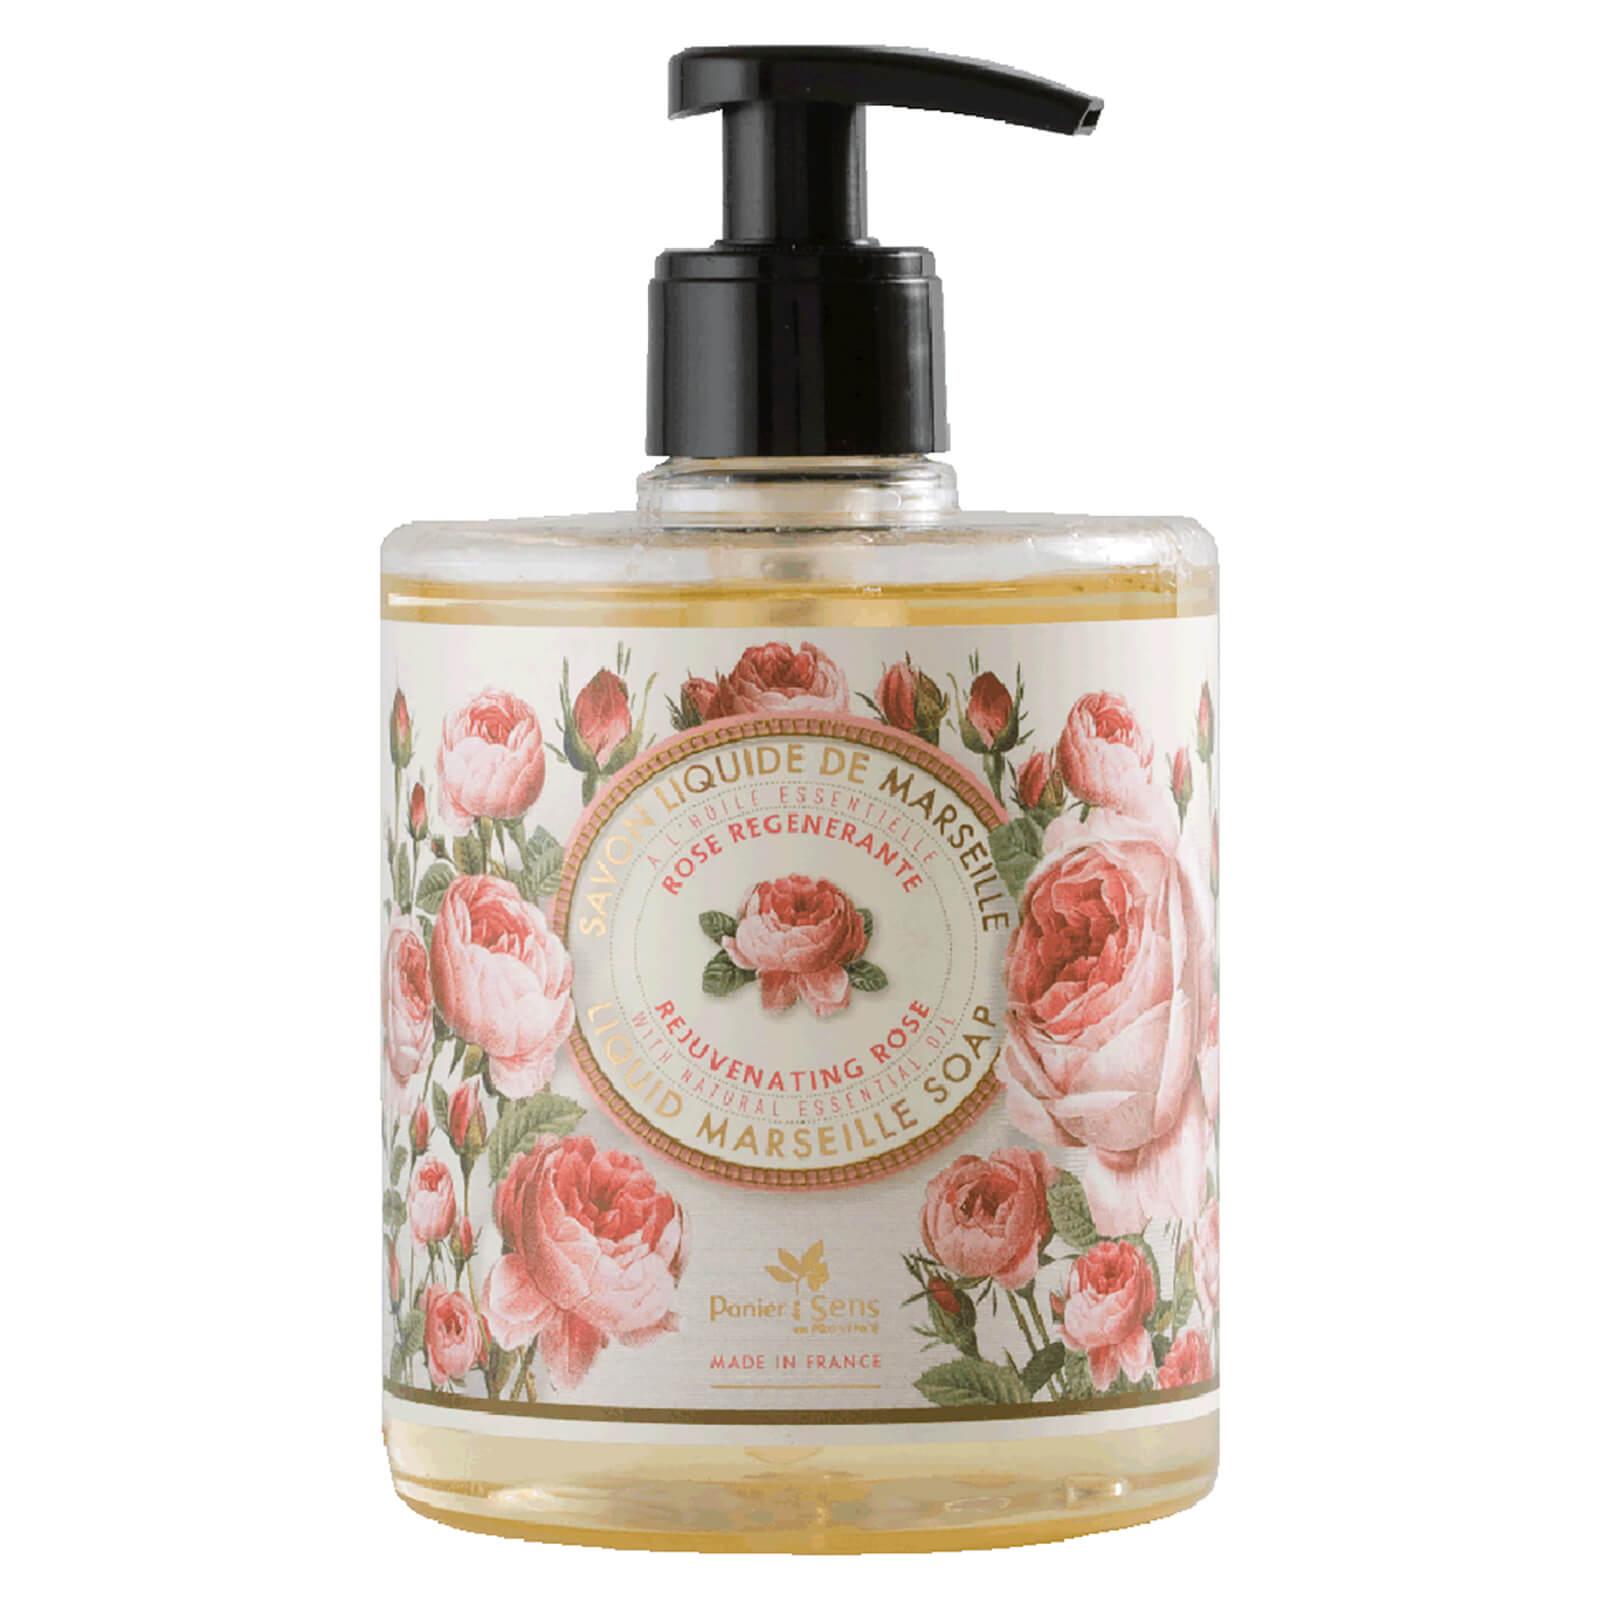 Купить Panier des Sens The Essentials Rejuvenating Rose Liquid Marseille Soap